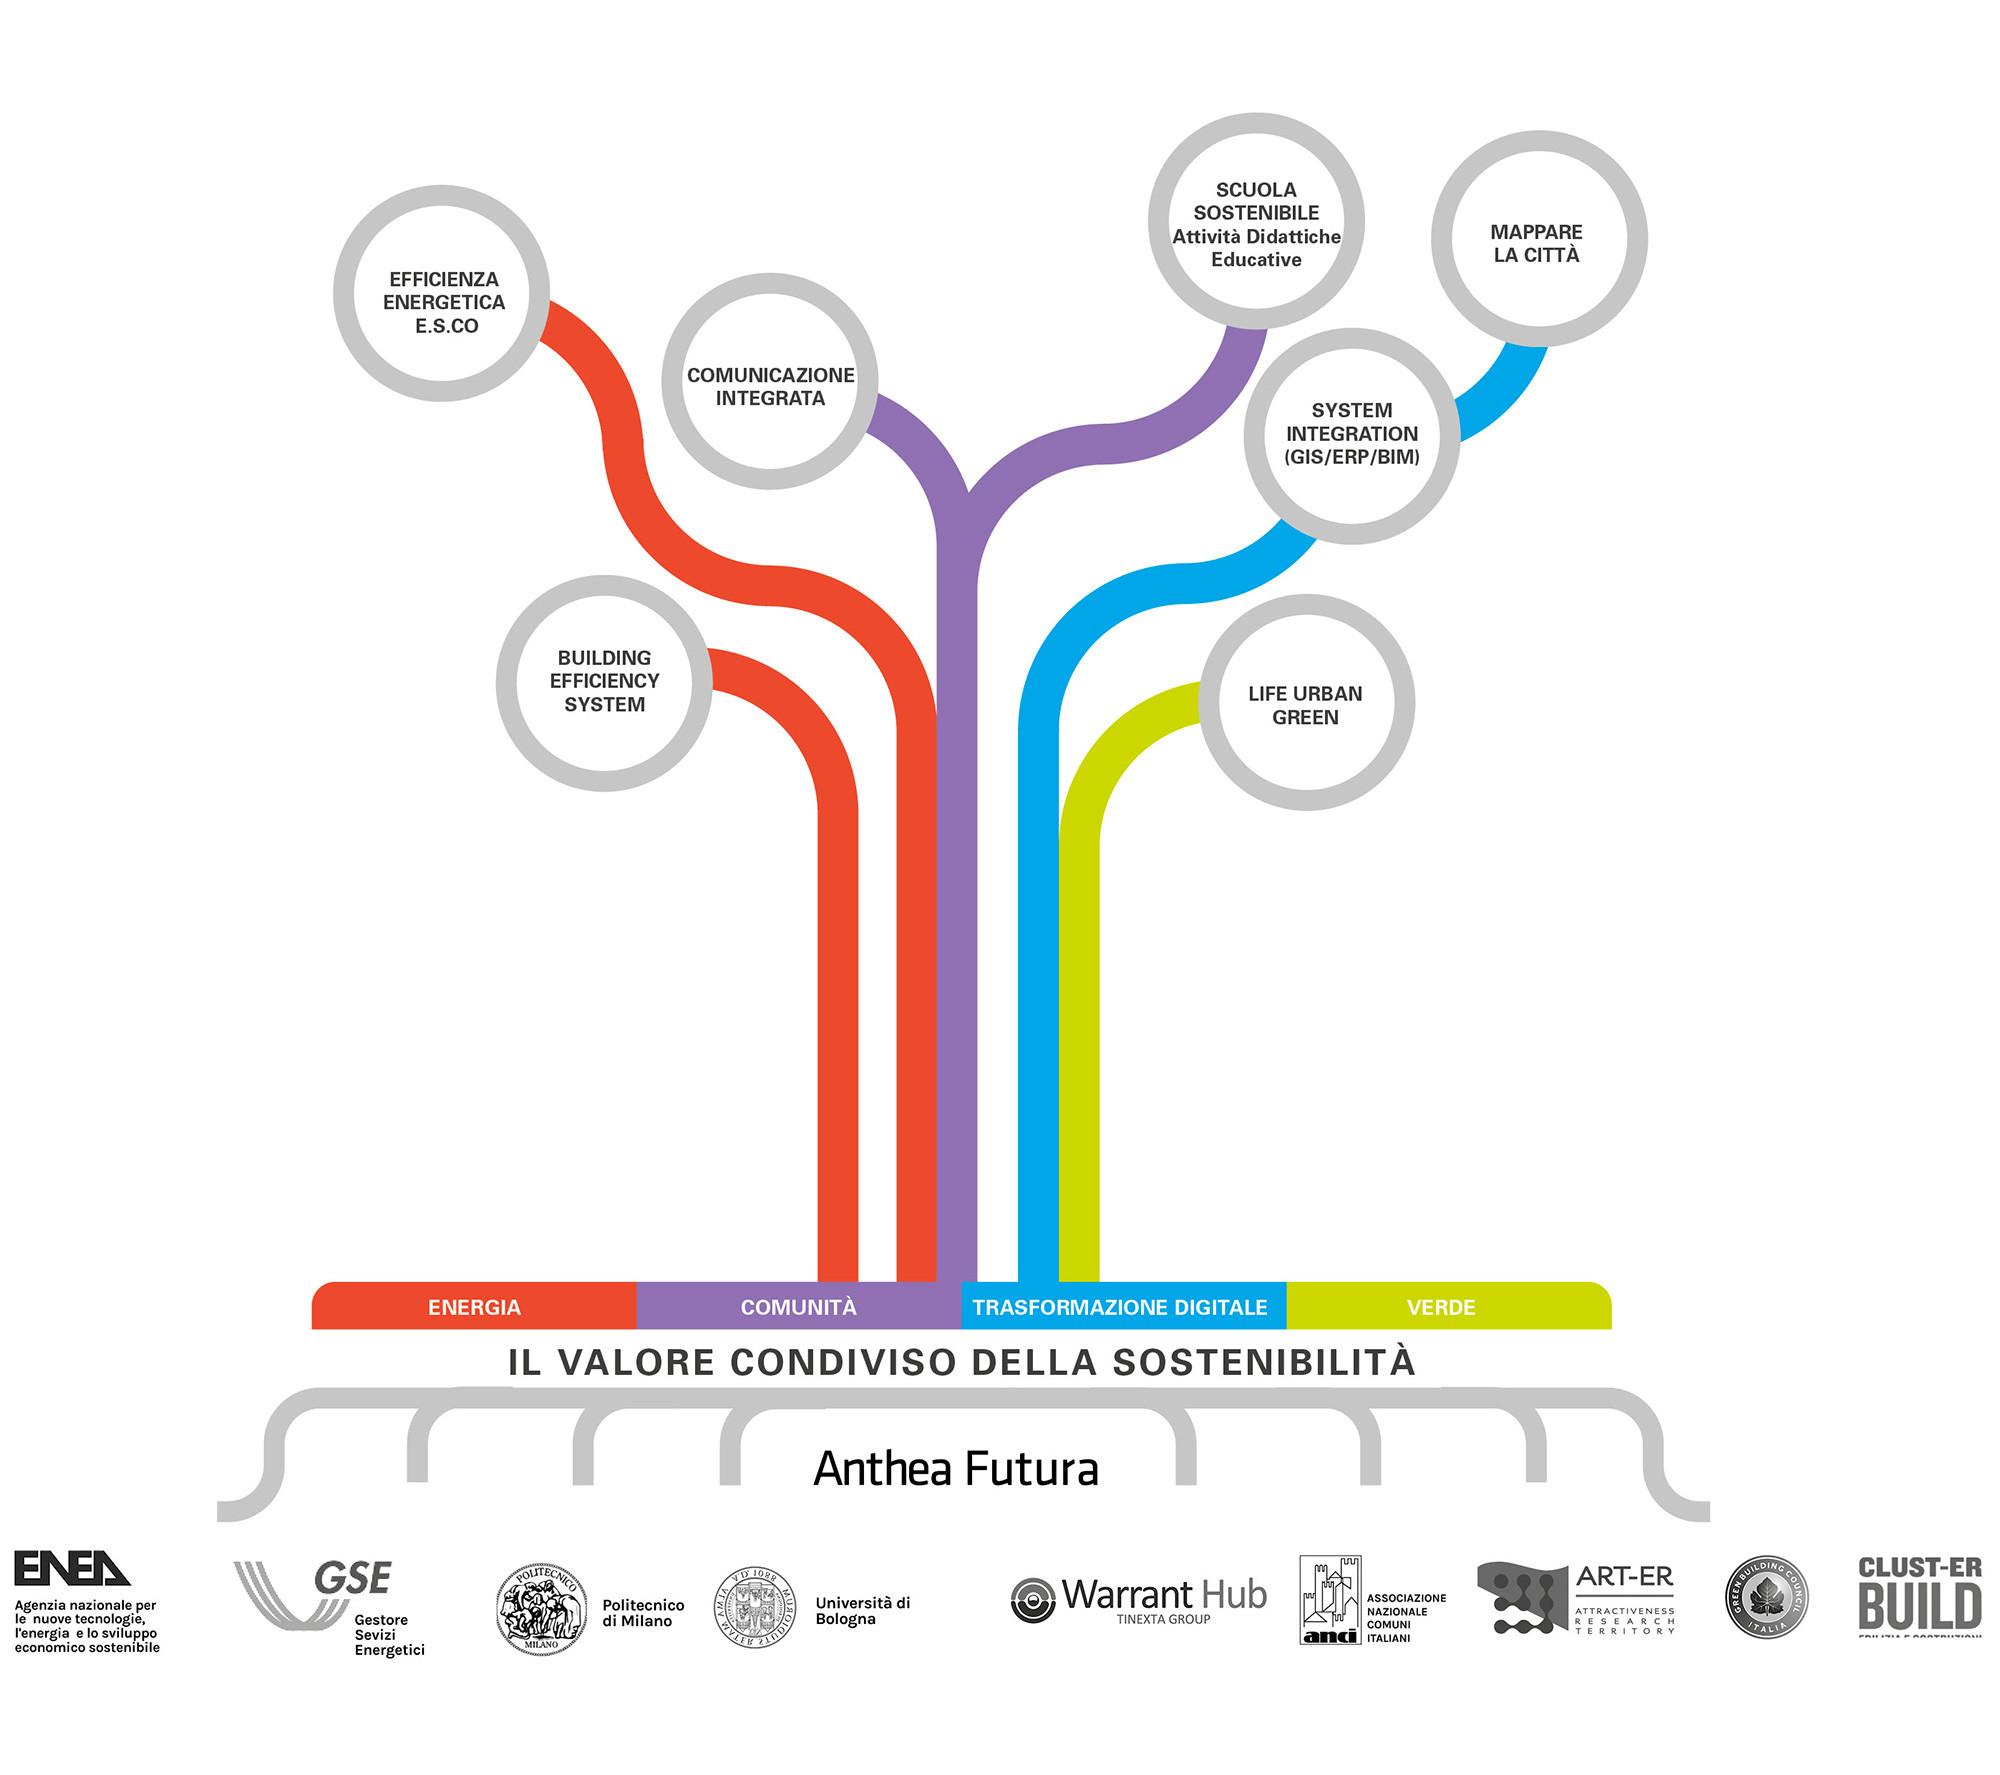 Anthea Futura, il valore condiviso della sostenibilità